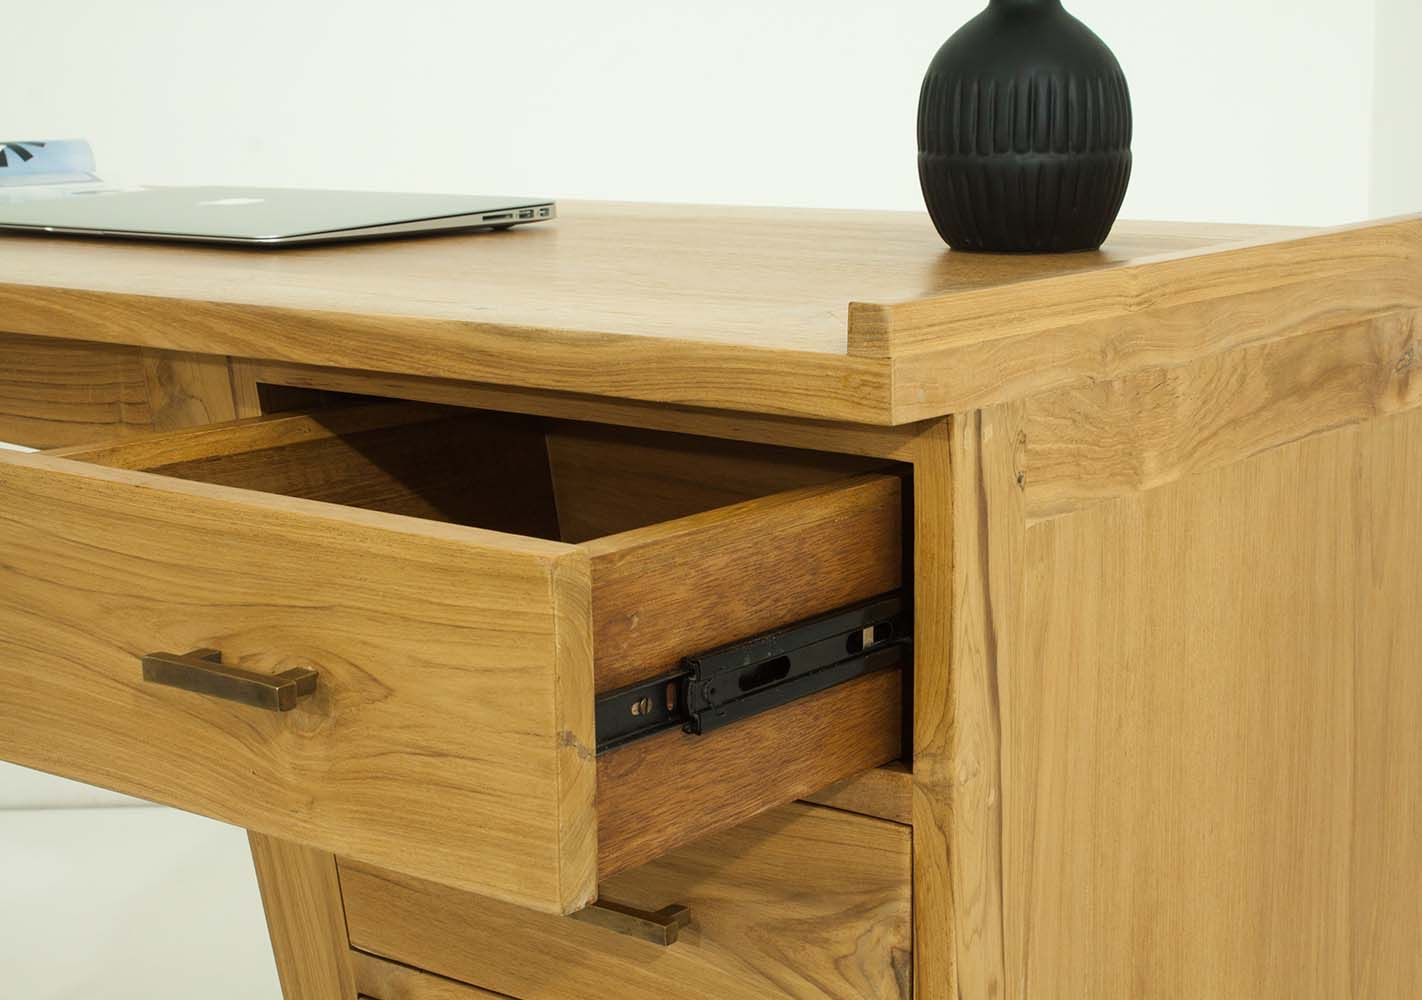 Meilleur bureau style industriel en teck et m tal meuble bois massif